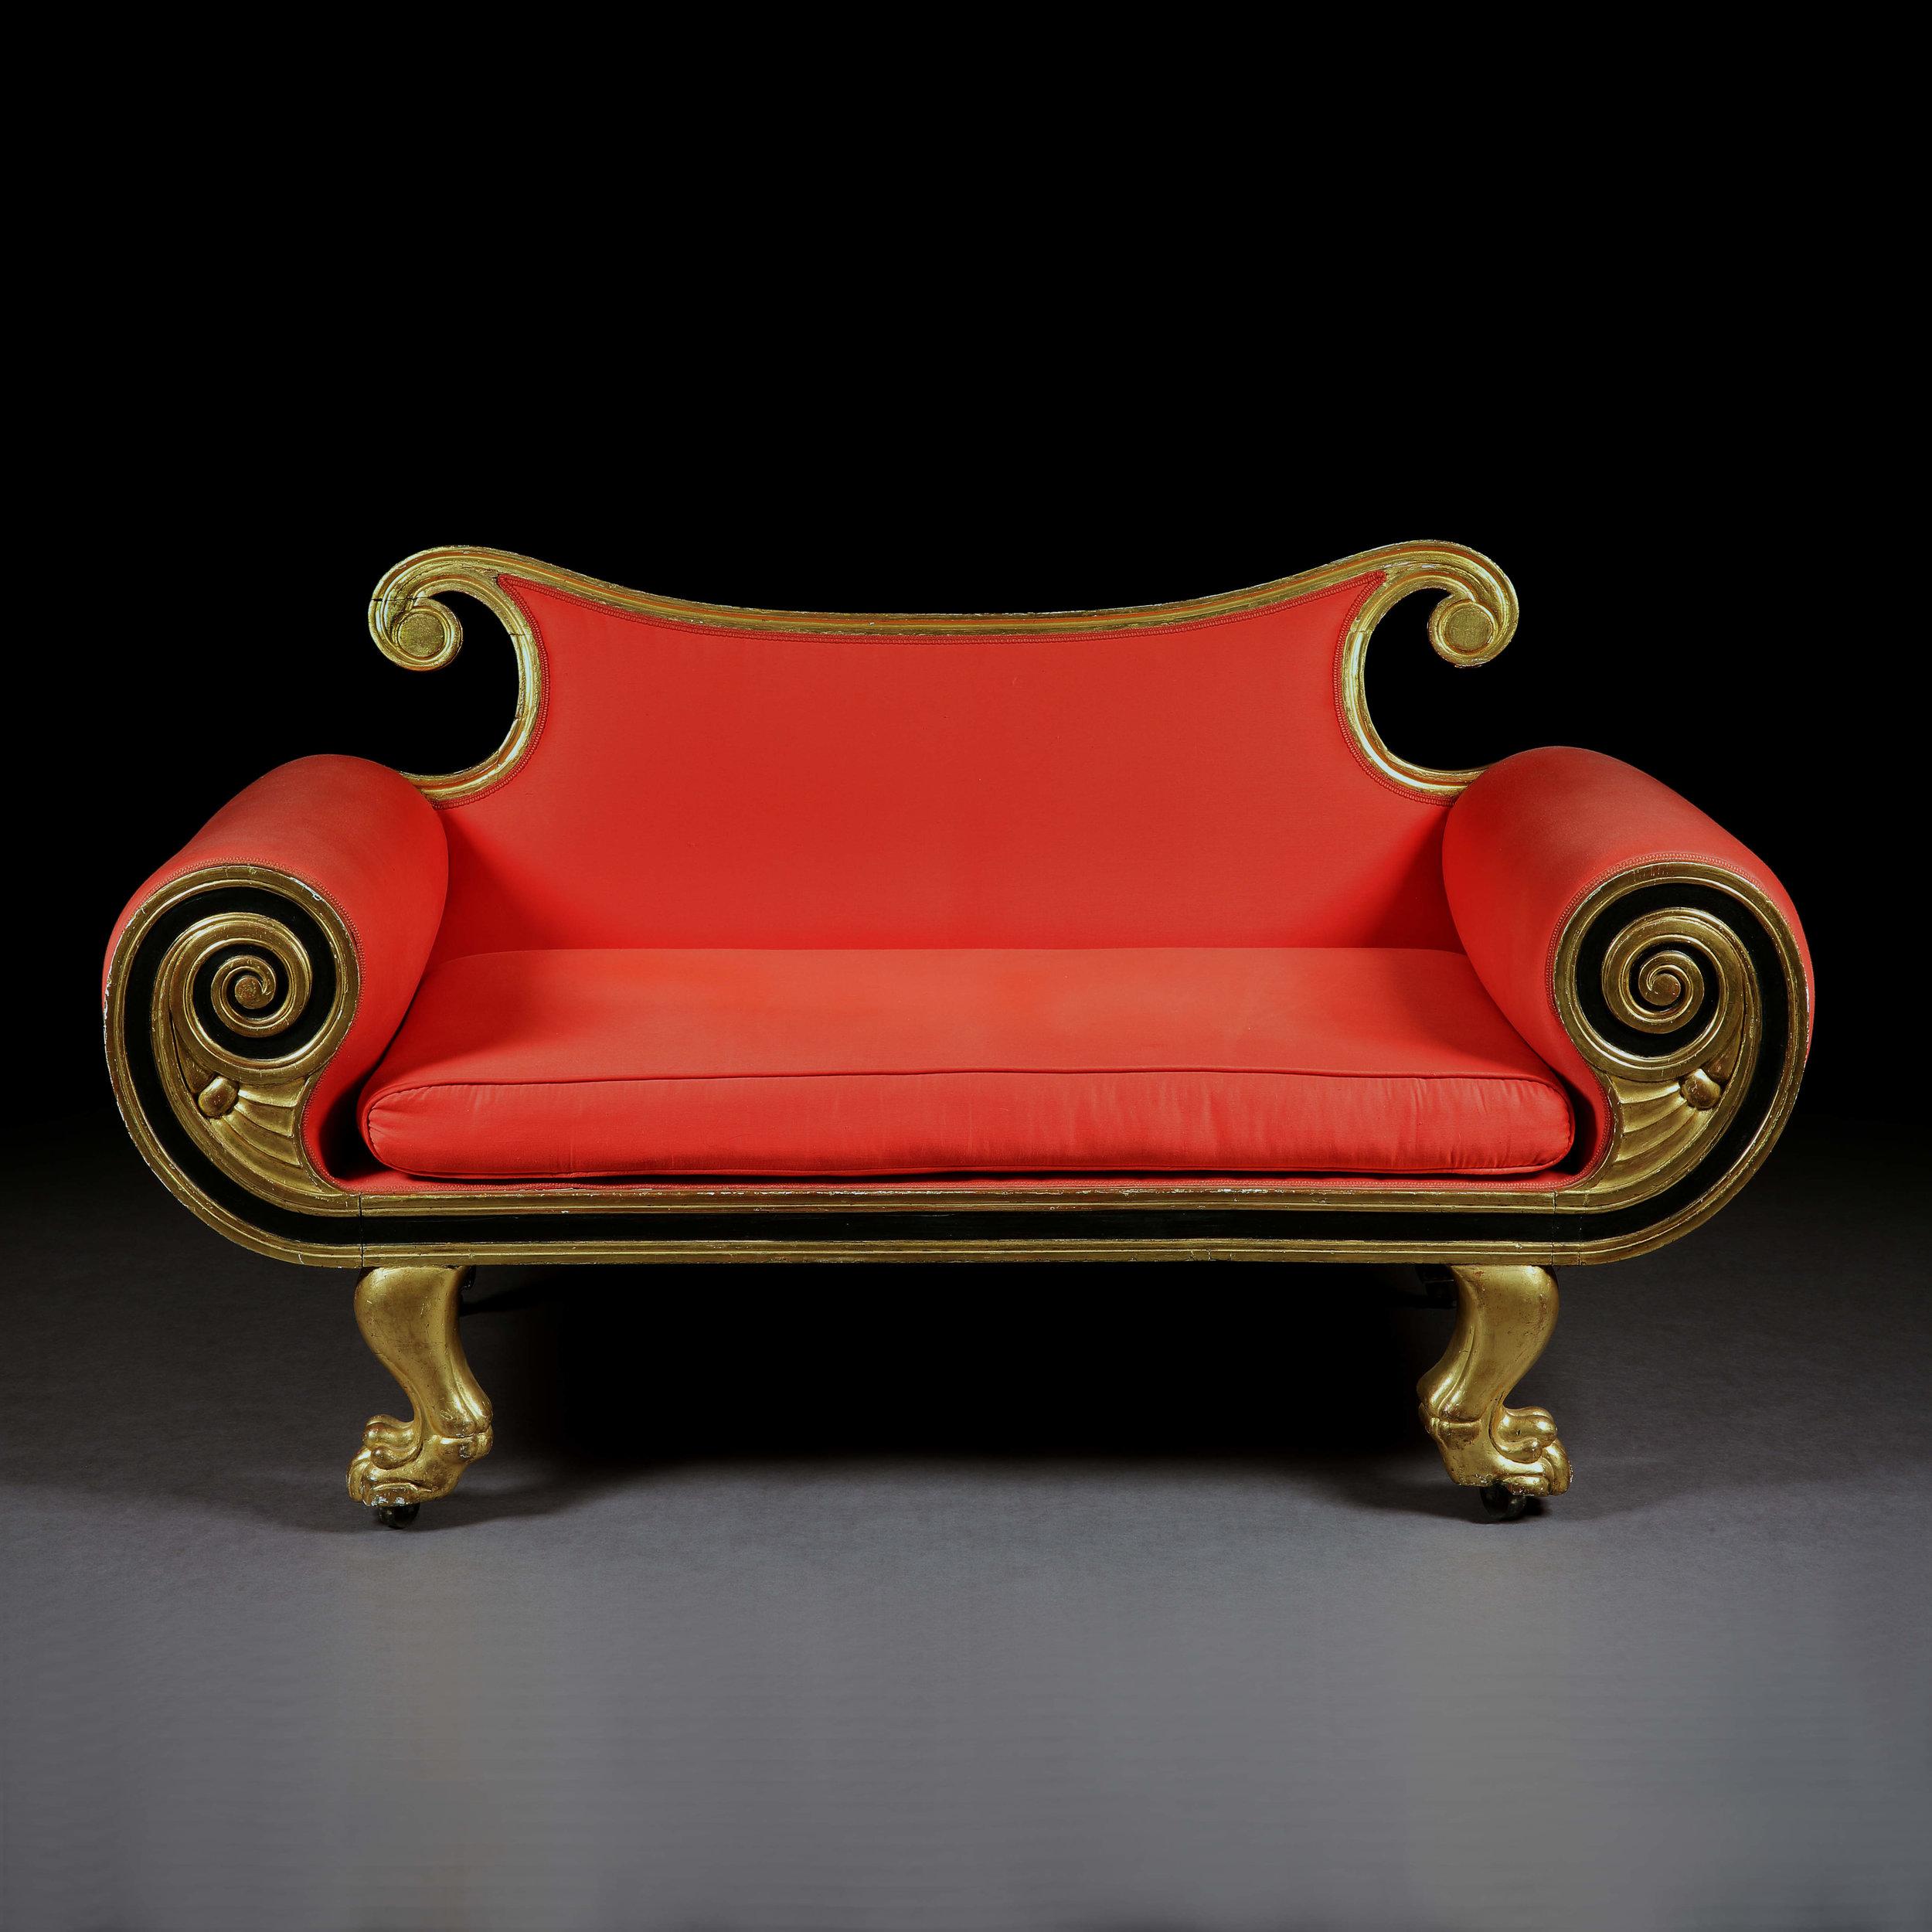 Regency sofa 2a.jpg